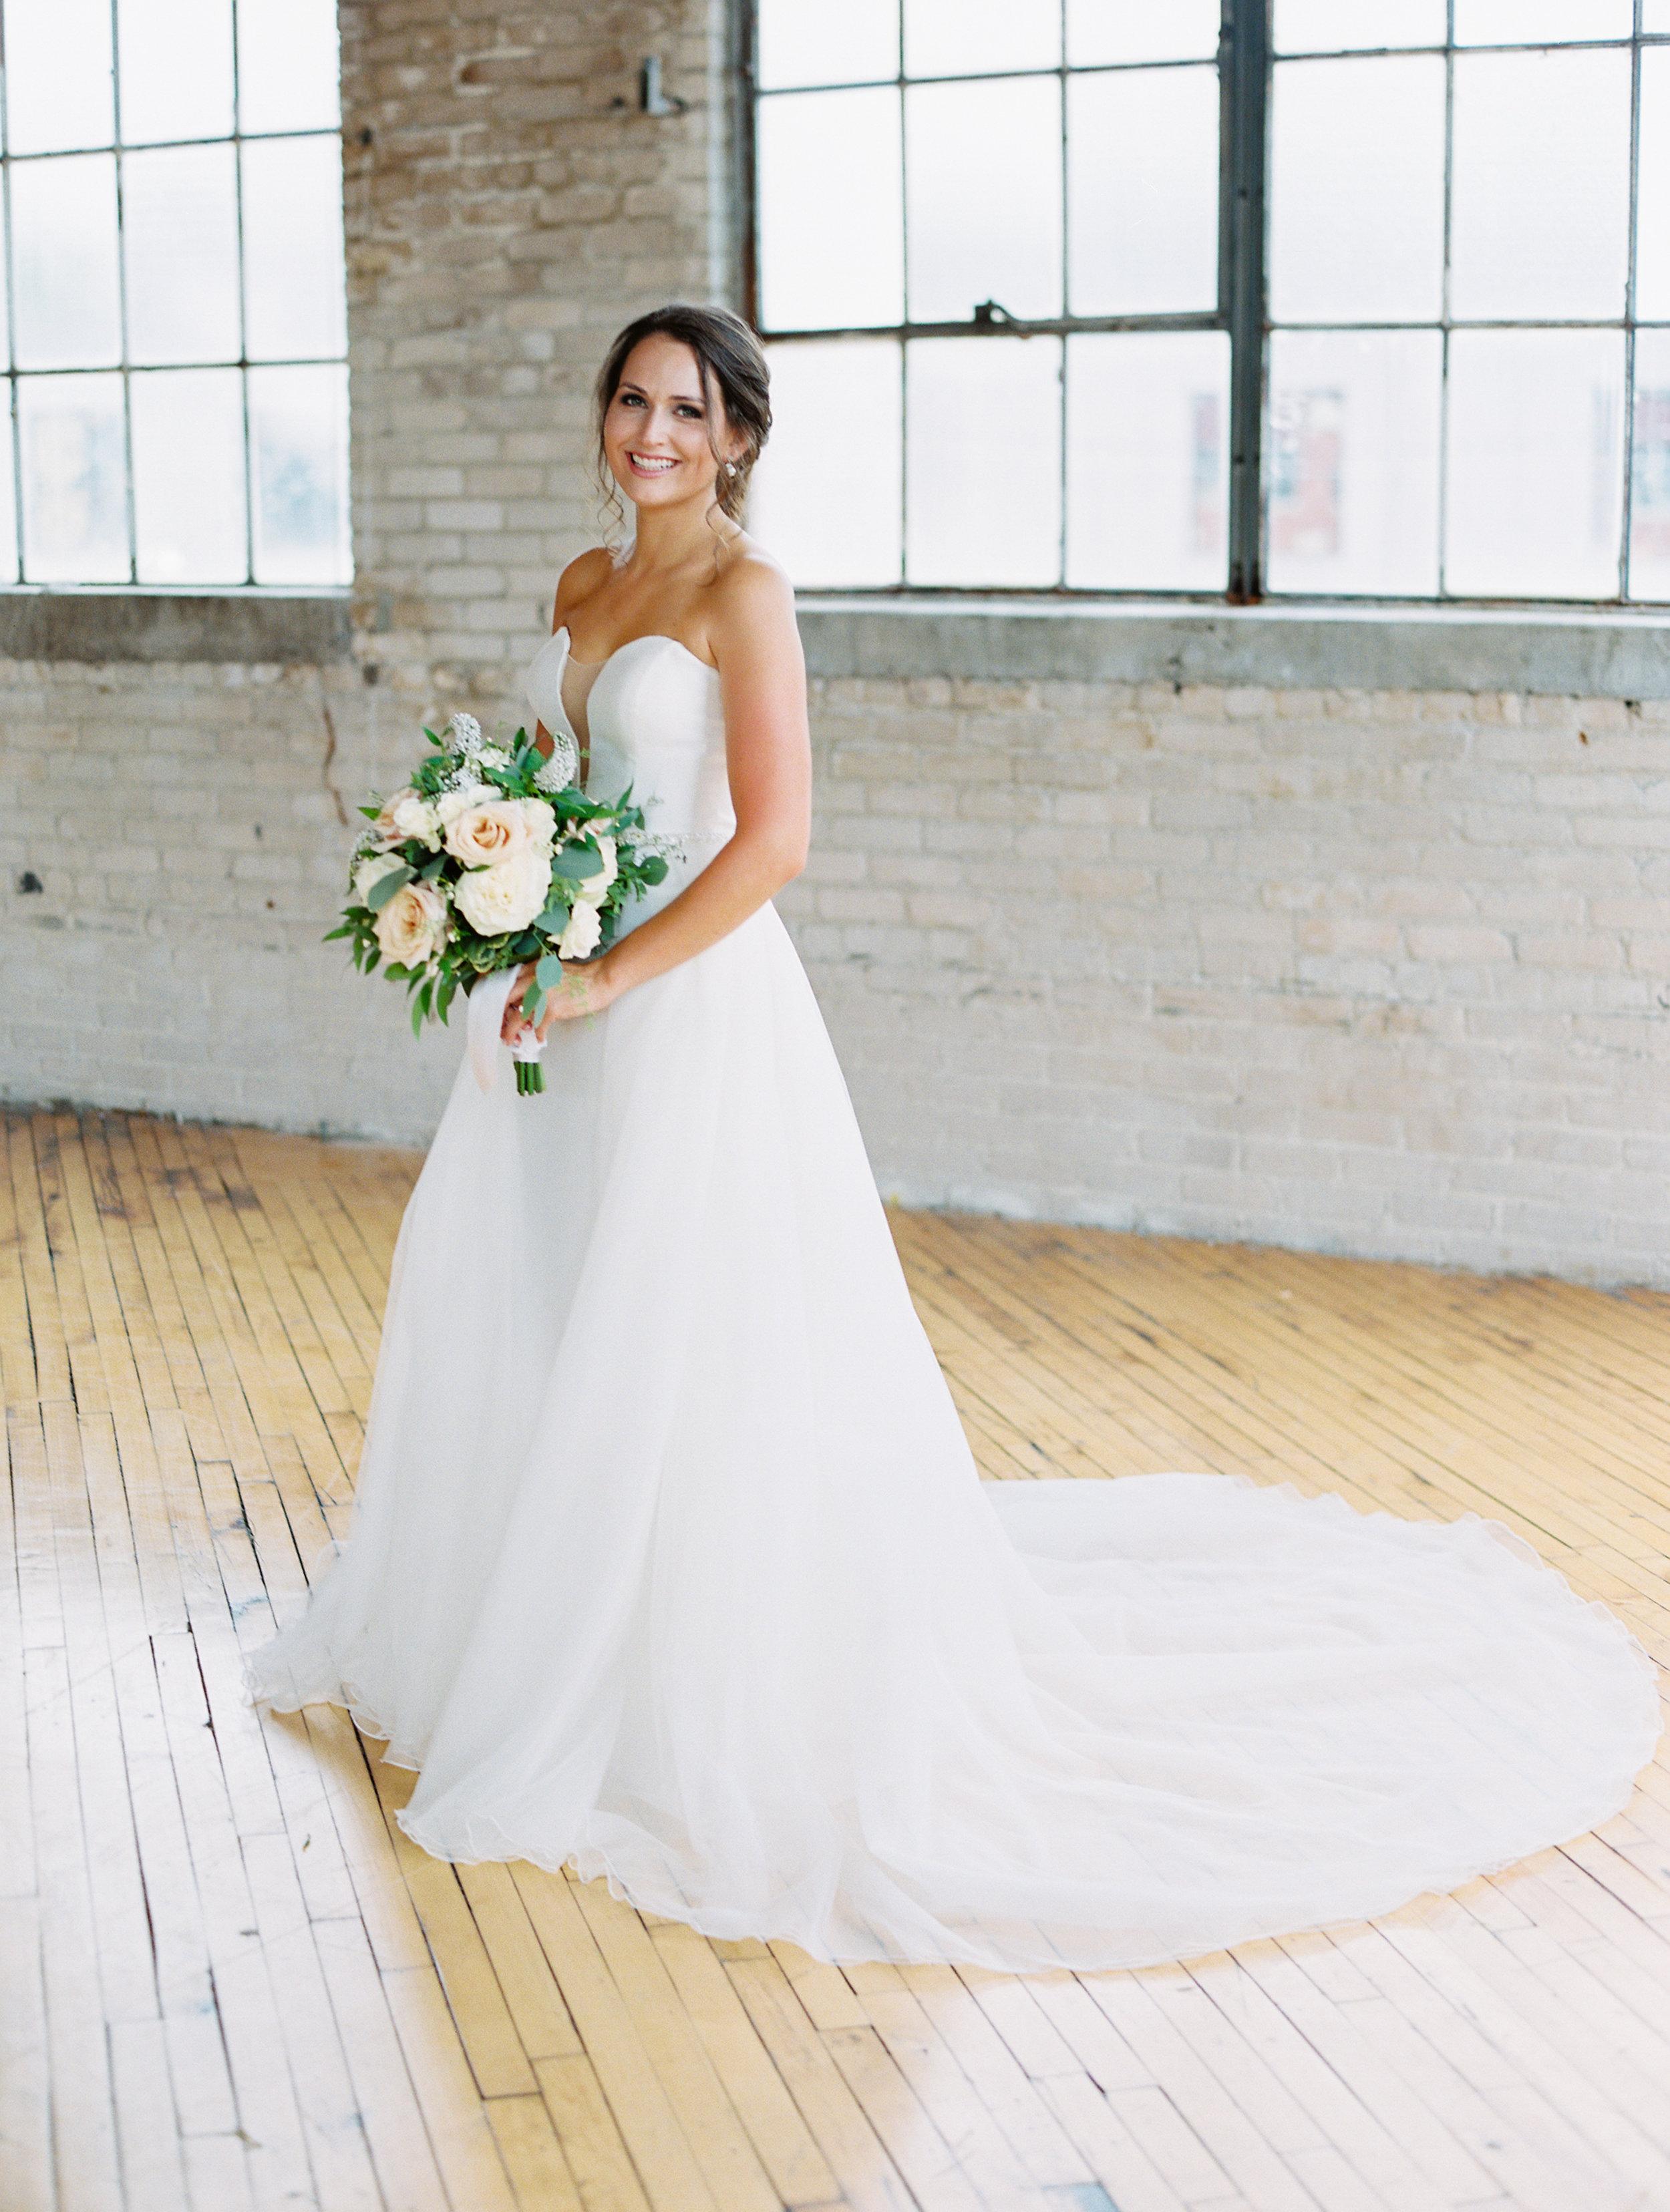 Steiner+Wedding+Bride+Bridesmaids-72.jpg